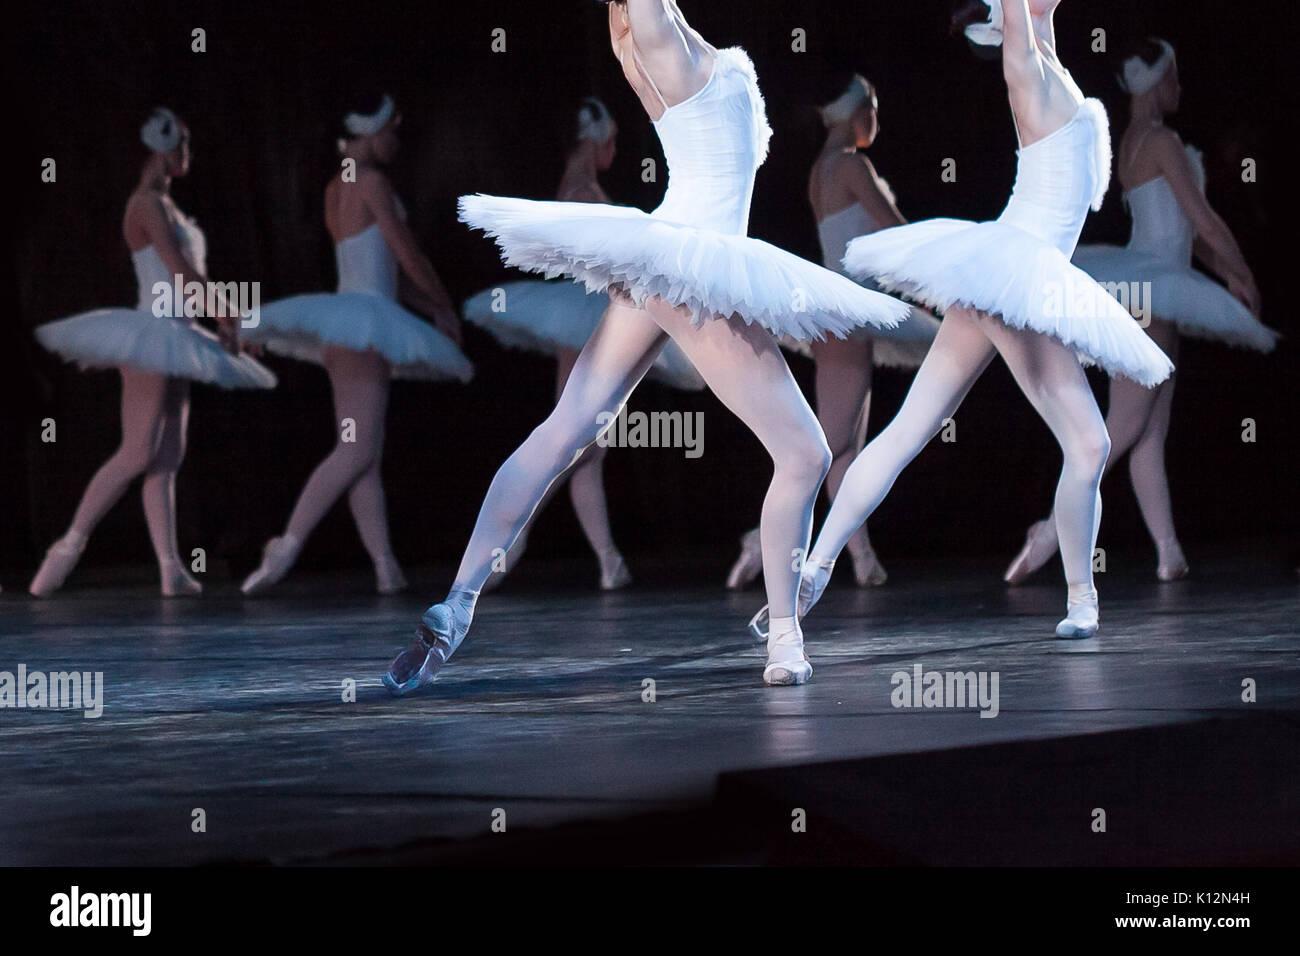 Amusement, de passion, de beauté concept. gracefull et tendre les filles, danseurs de ballet, habillé en blanc de costumes magnifiques Cygnes pour l'exécution de monde savent Photo Stock